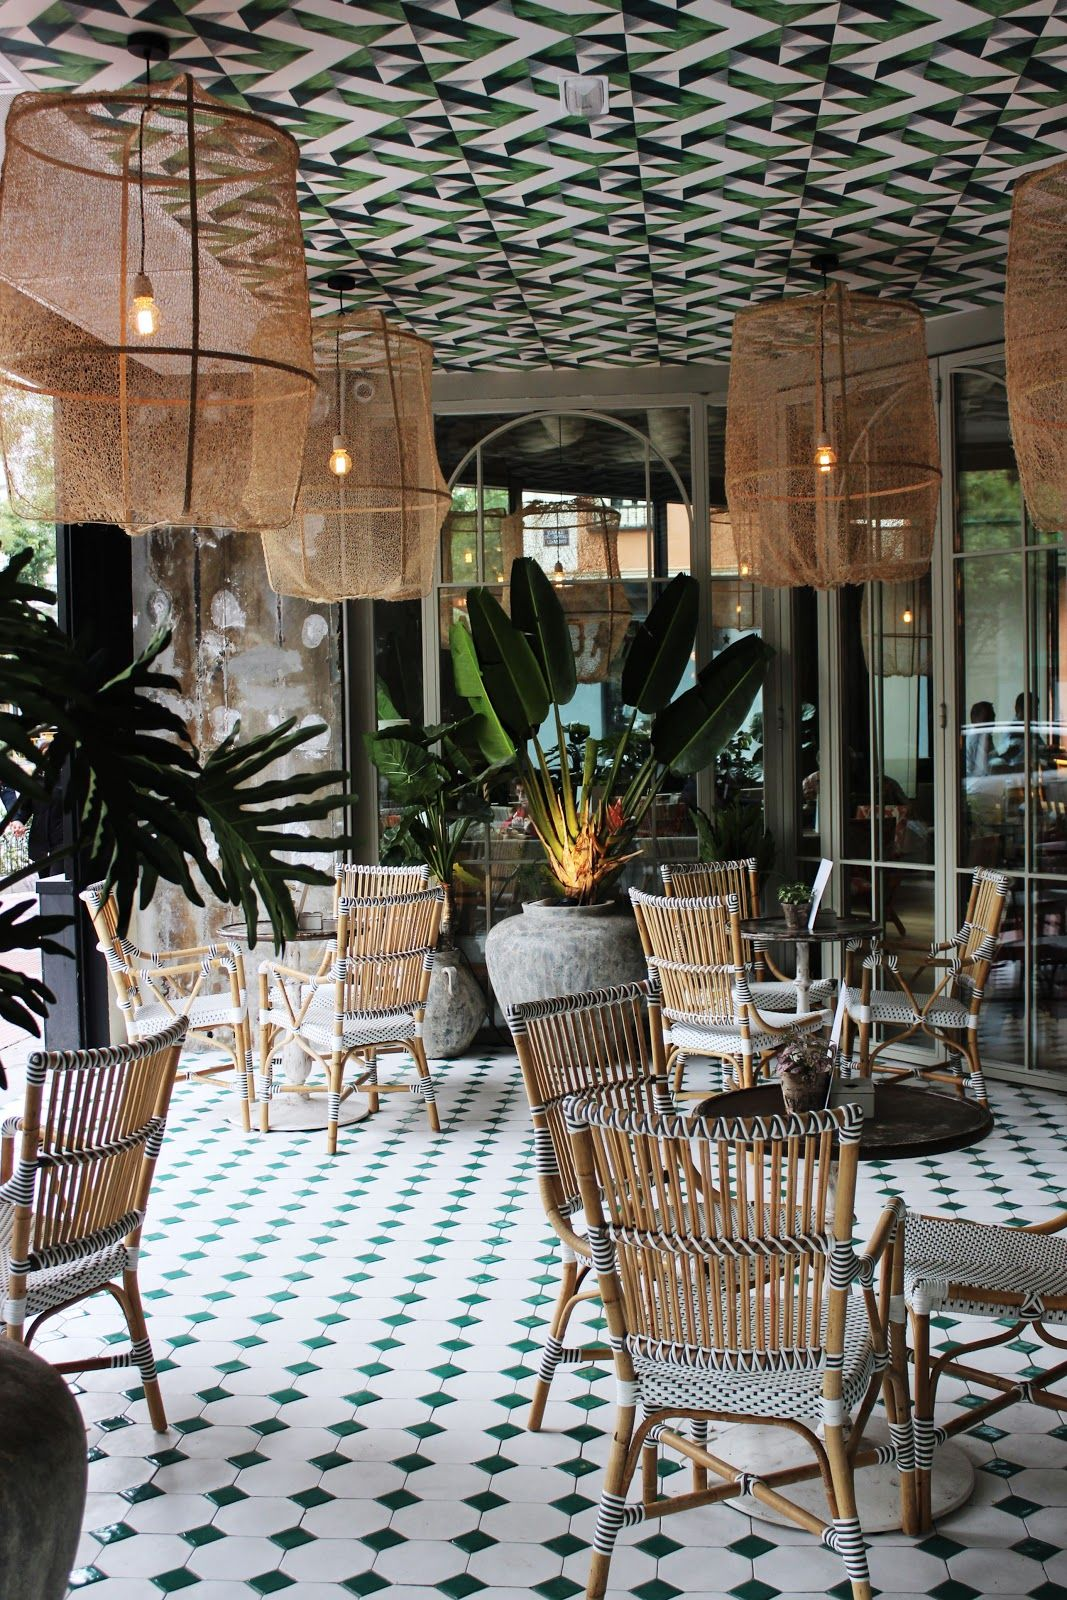 Deco Perrachica Diseño Del Restaurante Y Diseño Tropical